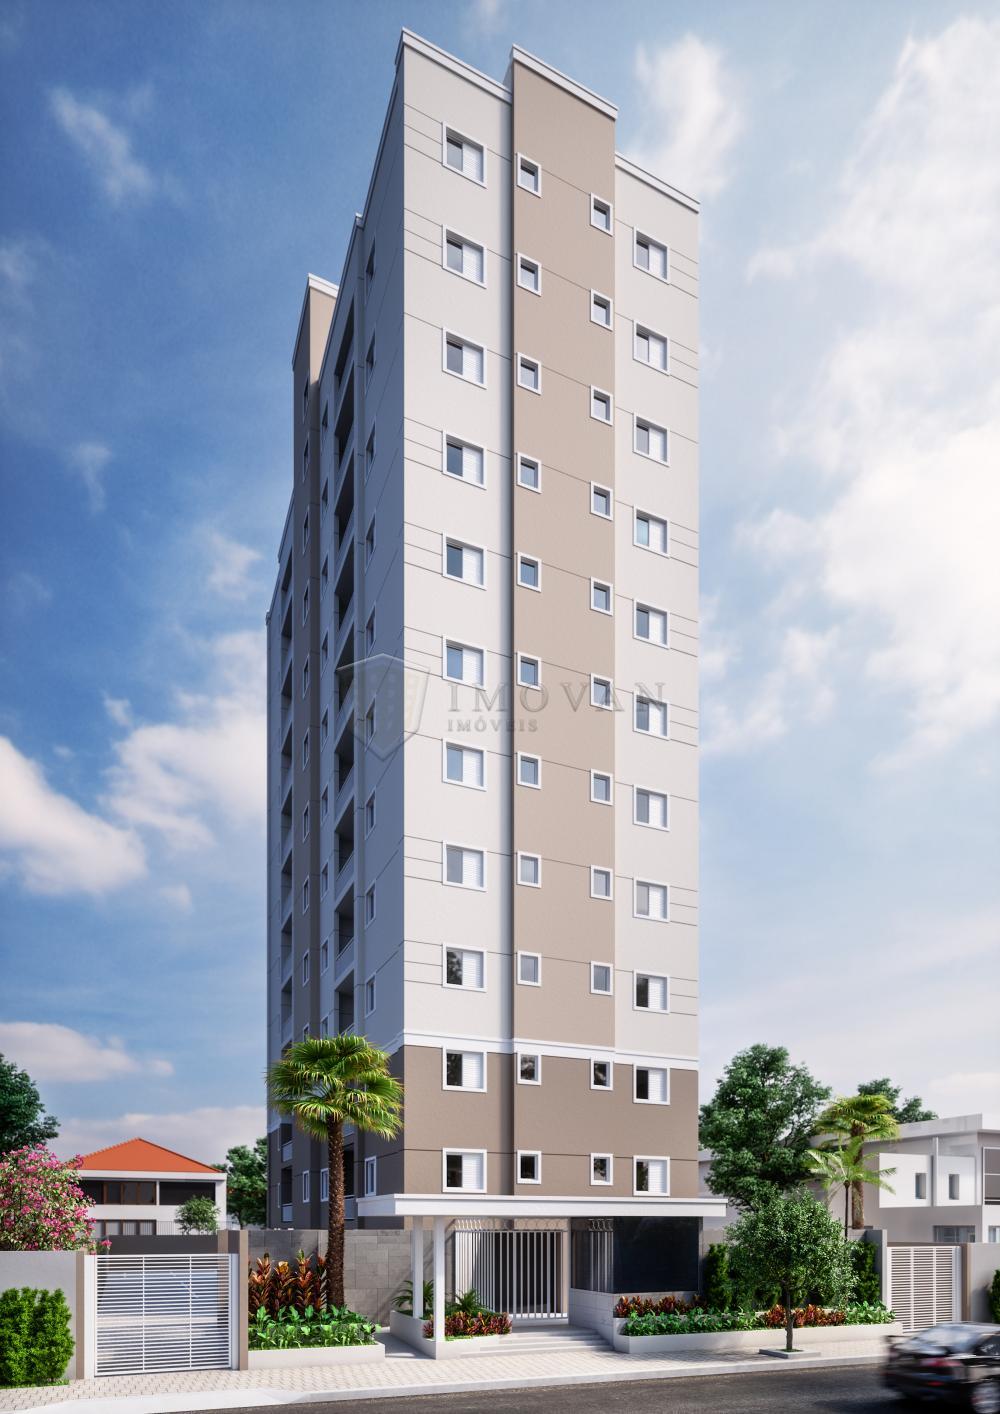 Comprar Apartamento / Padrão em Ribeirão Preto apenas R$ 229.800,00 - Foto 2